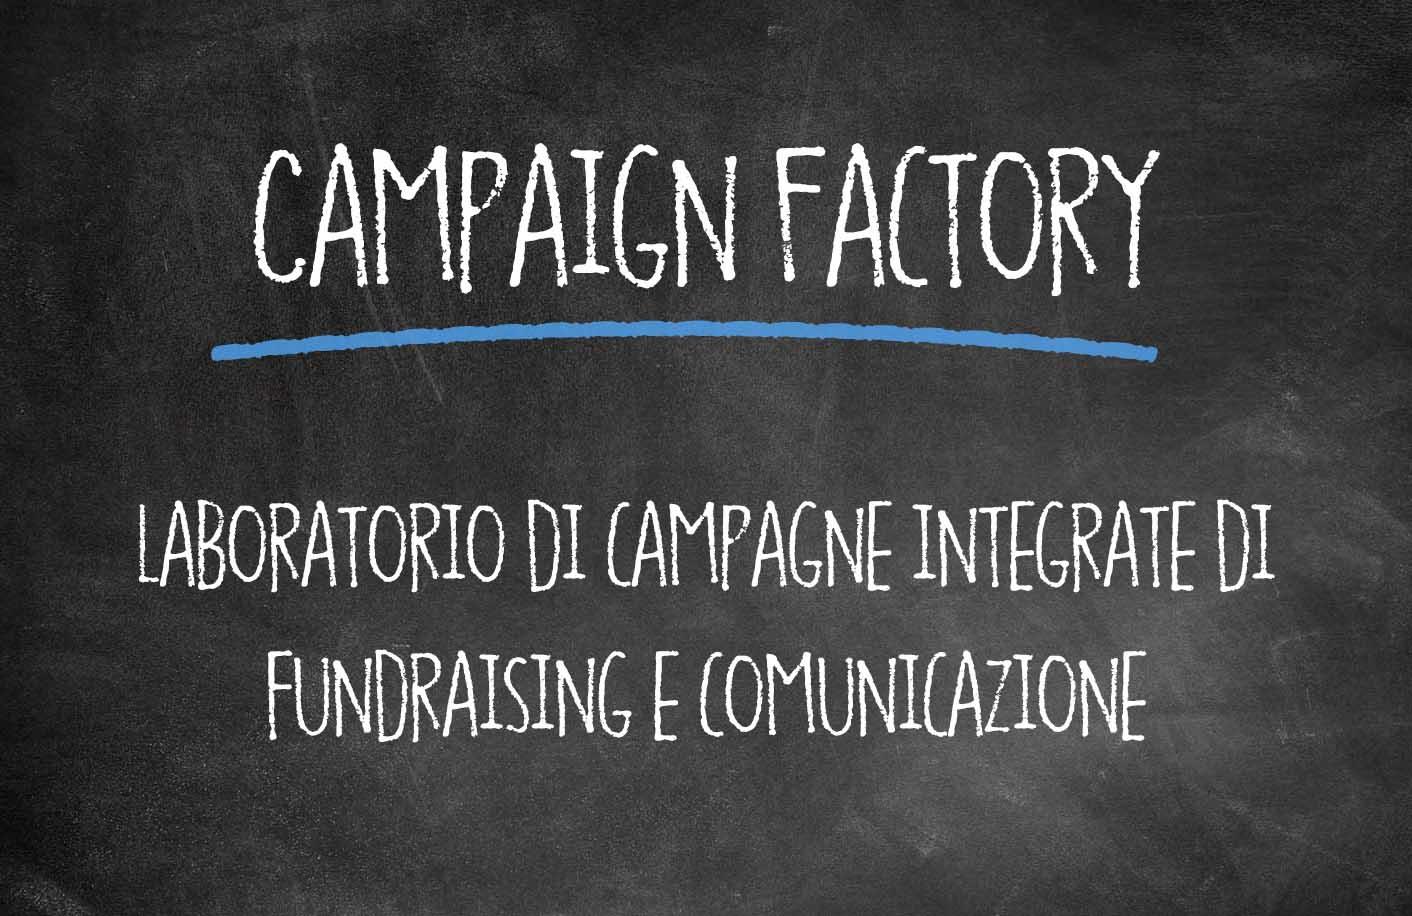 CAMPAIGN FACTORY: laboratorio di campagne integrate di fundraising e comunicazione